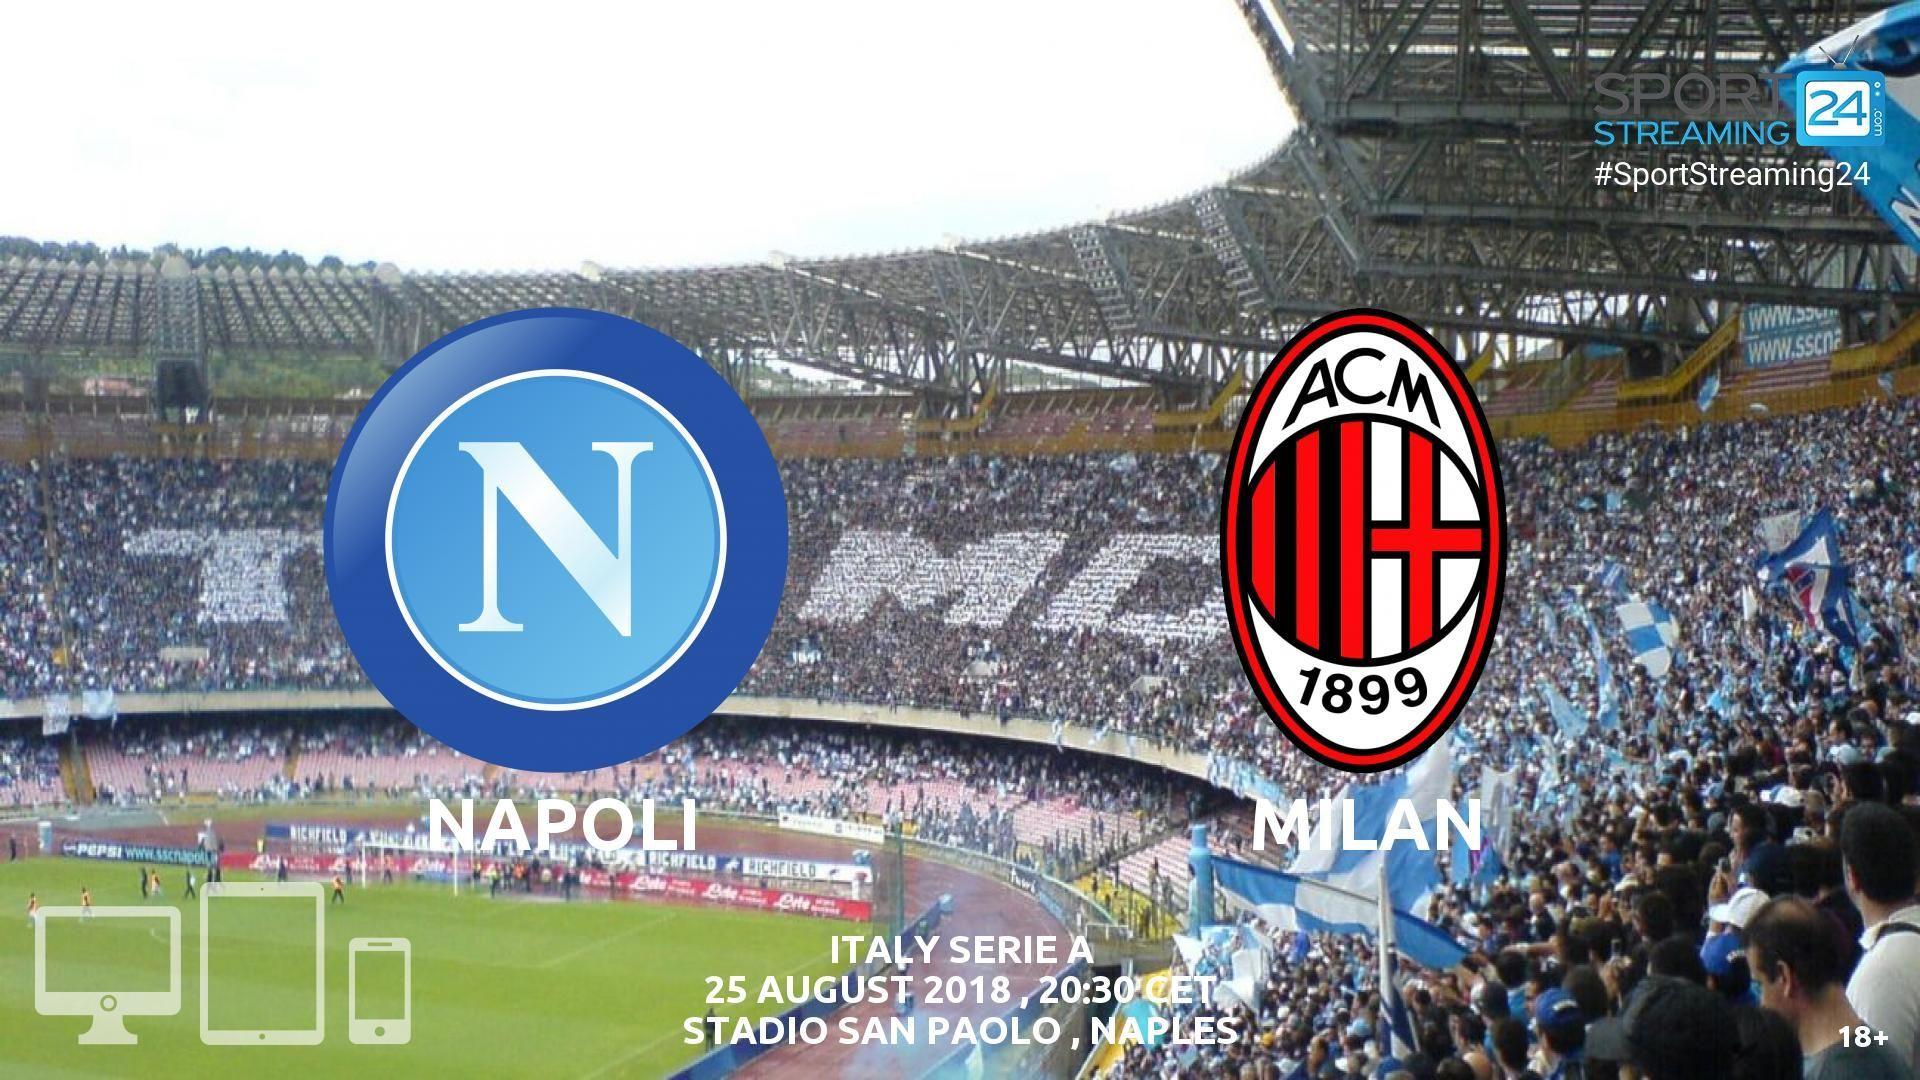 Napoli v AC Milan Live Streaming Football Napoli italy